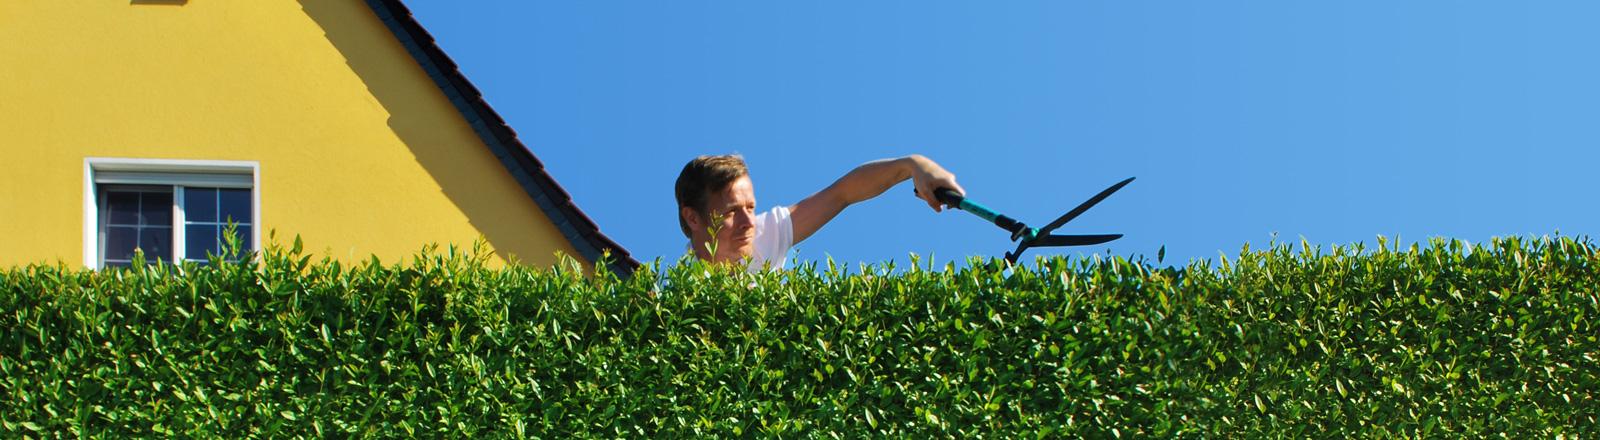 Mann schneidet Hecke vor Einfamilienhaus